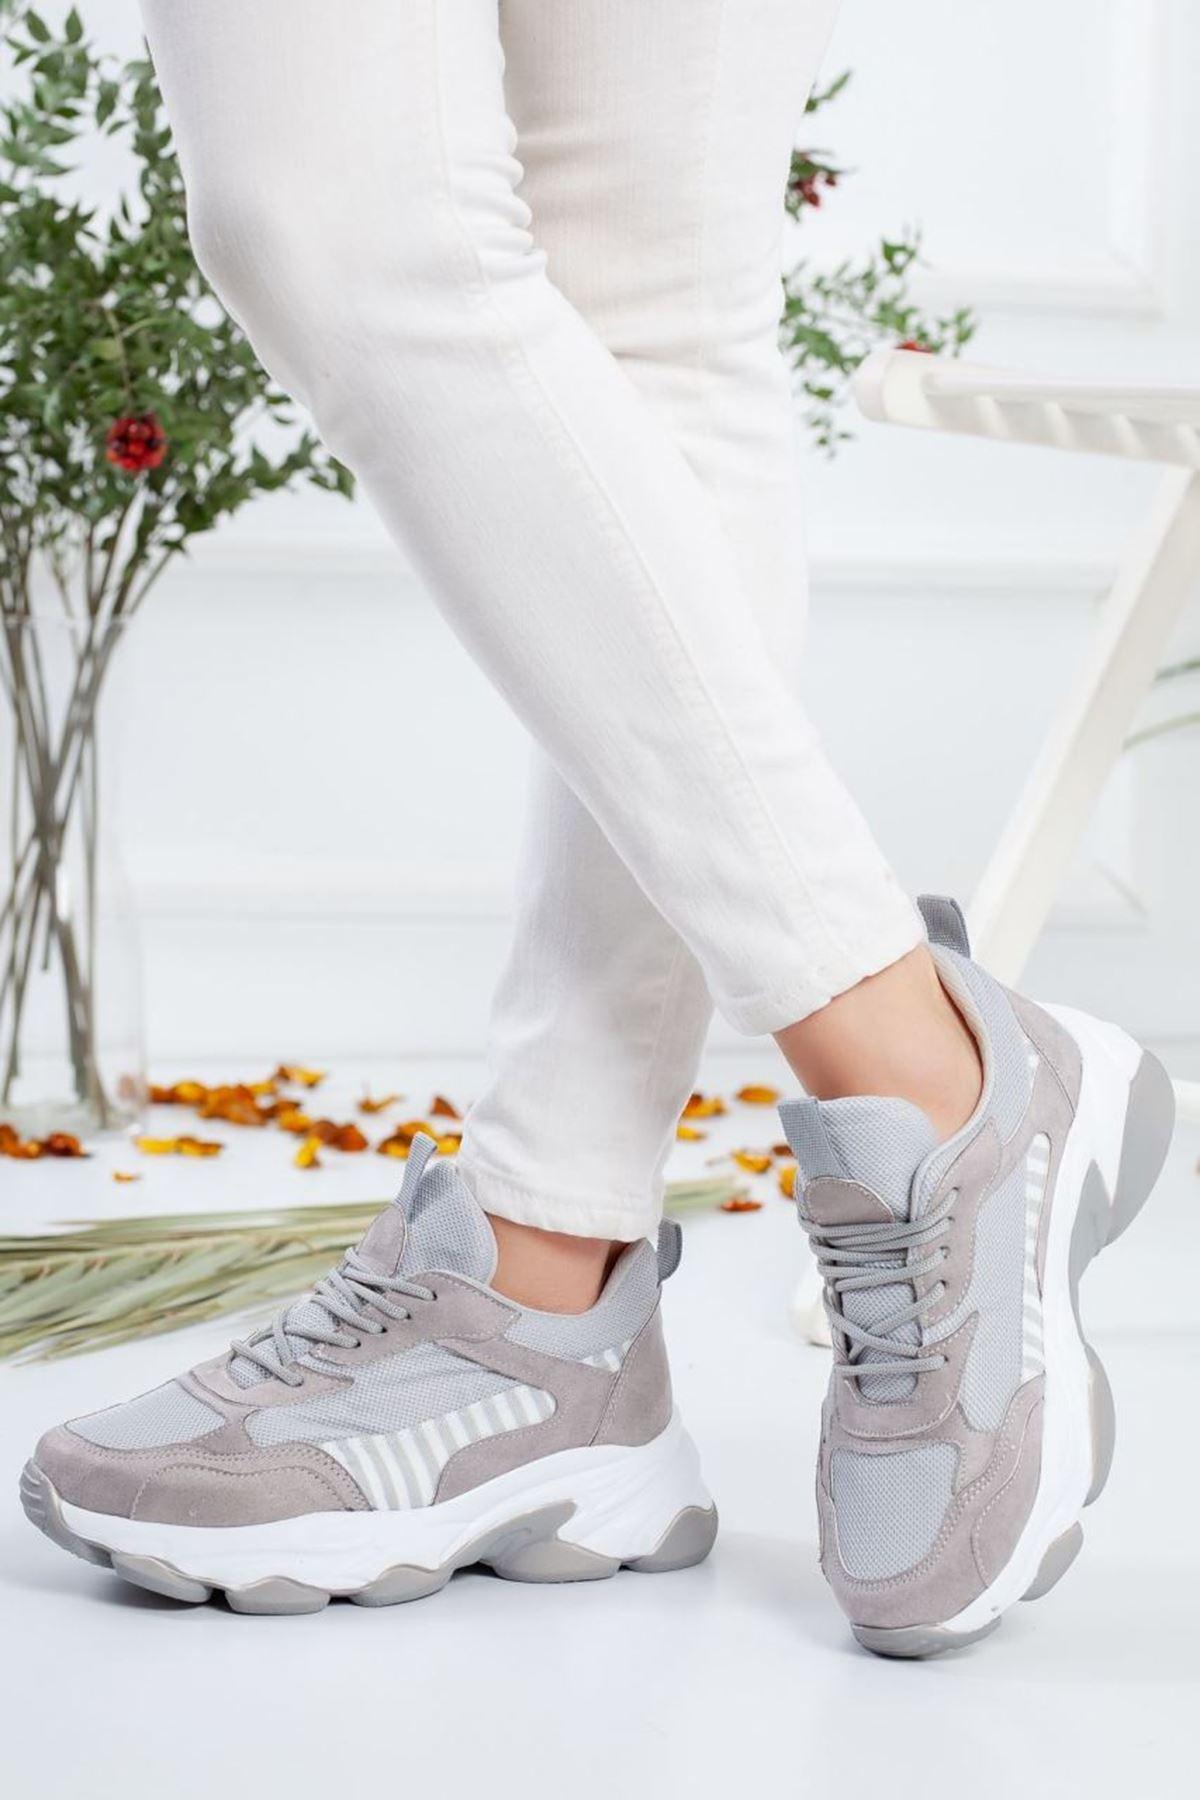 Kadın Reborn Çizgi Detaylı Kalın Taban Spor Ayakkabı Gri